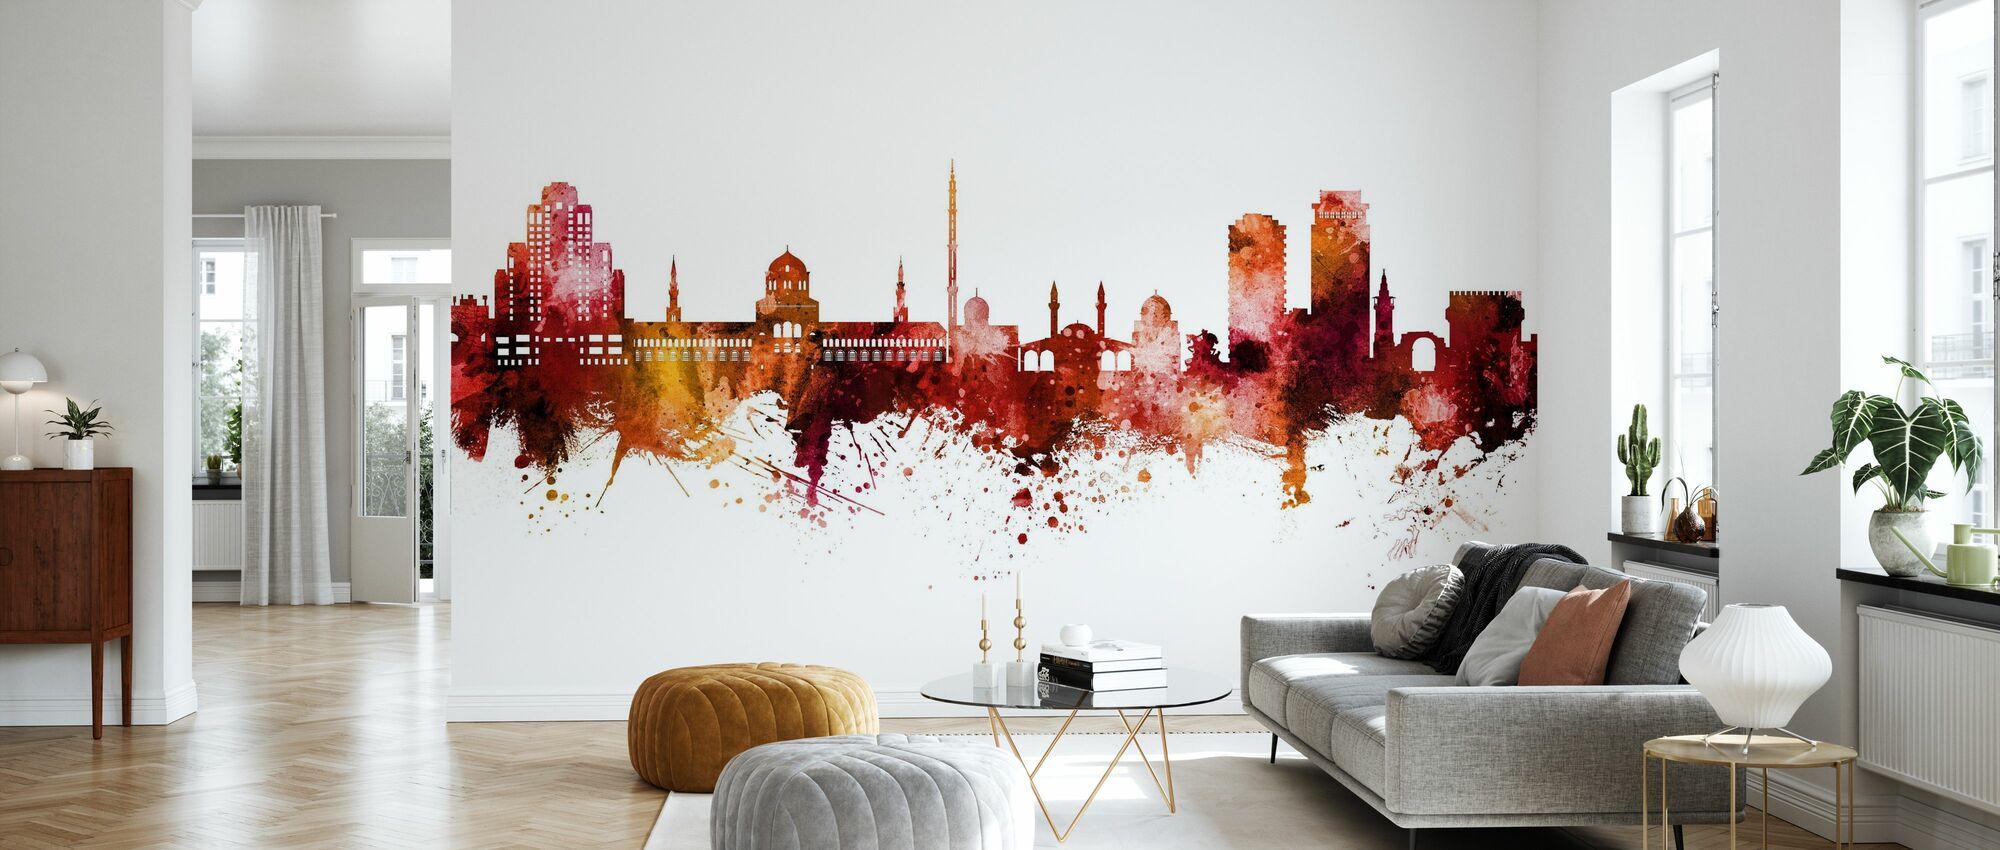 Damascus Syria Skyline - Wallpaper - Living Room